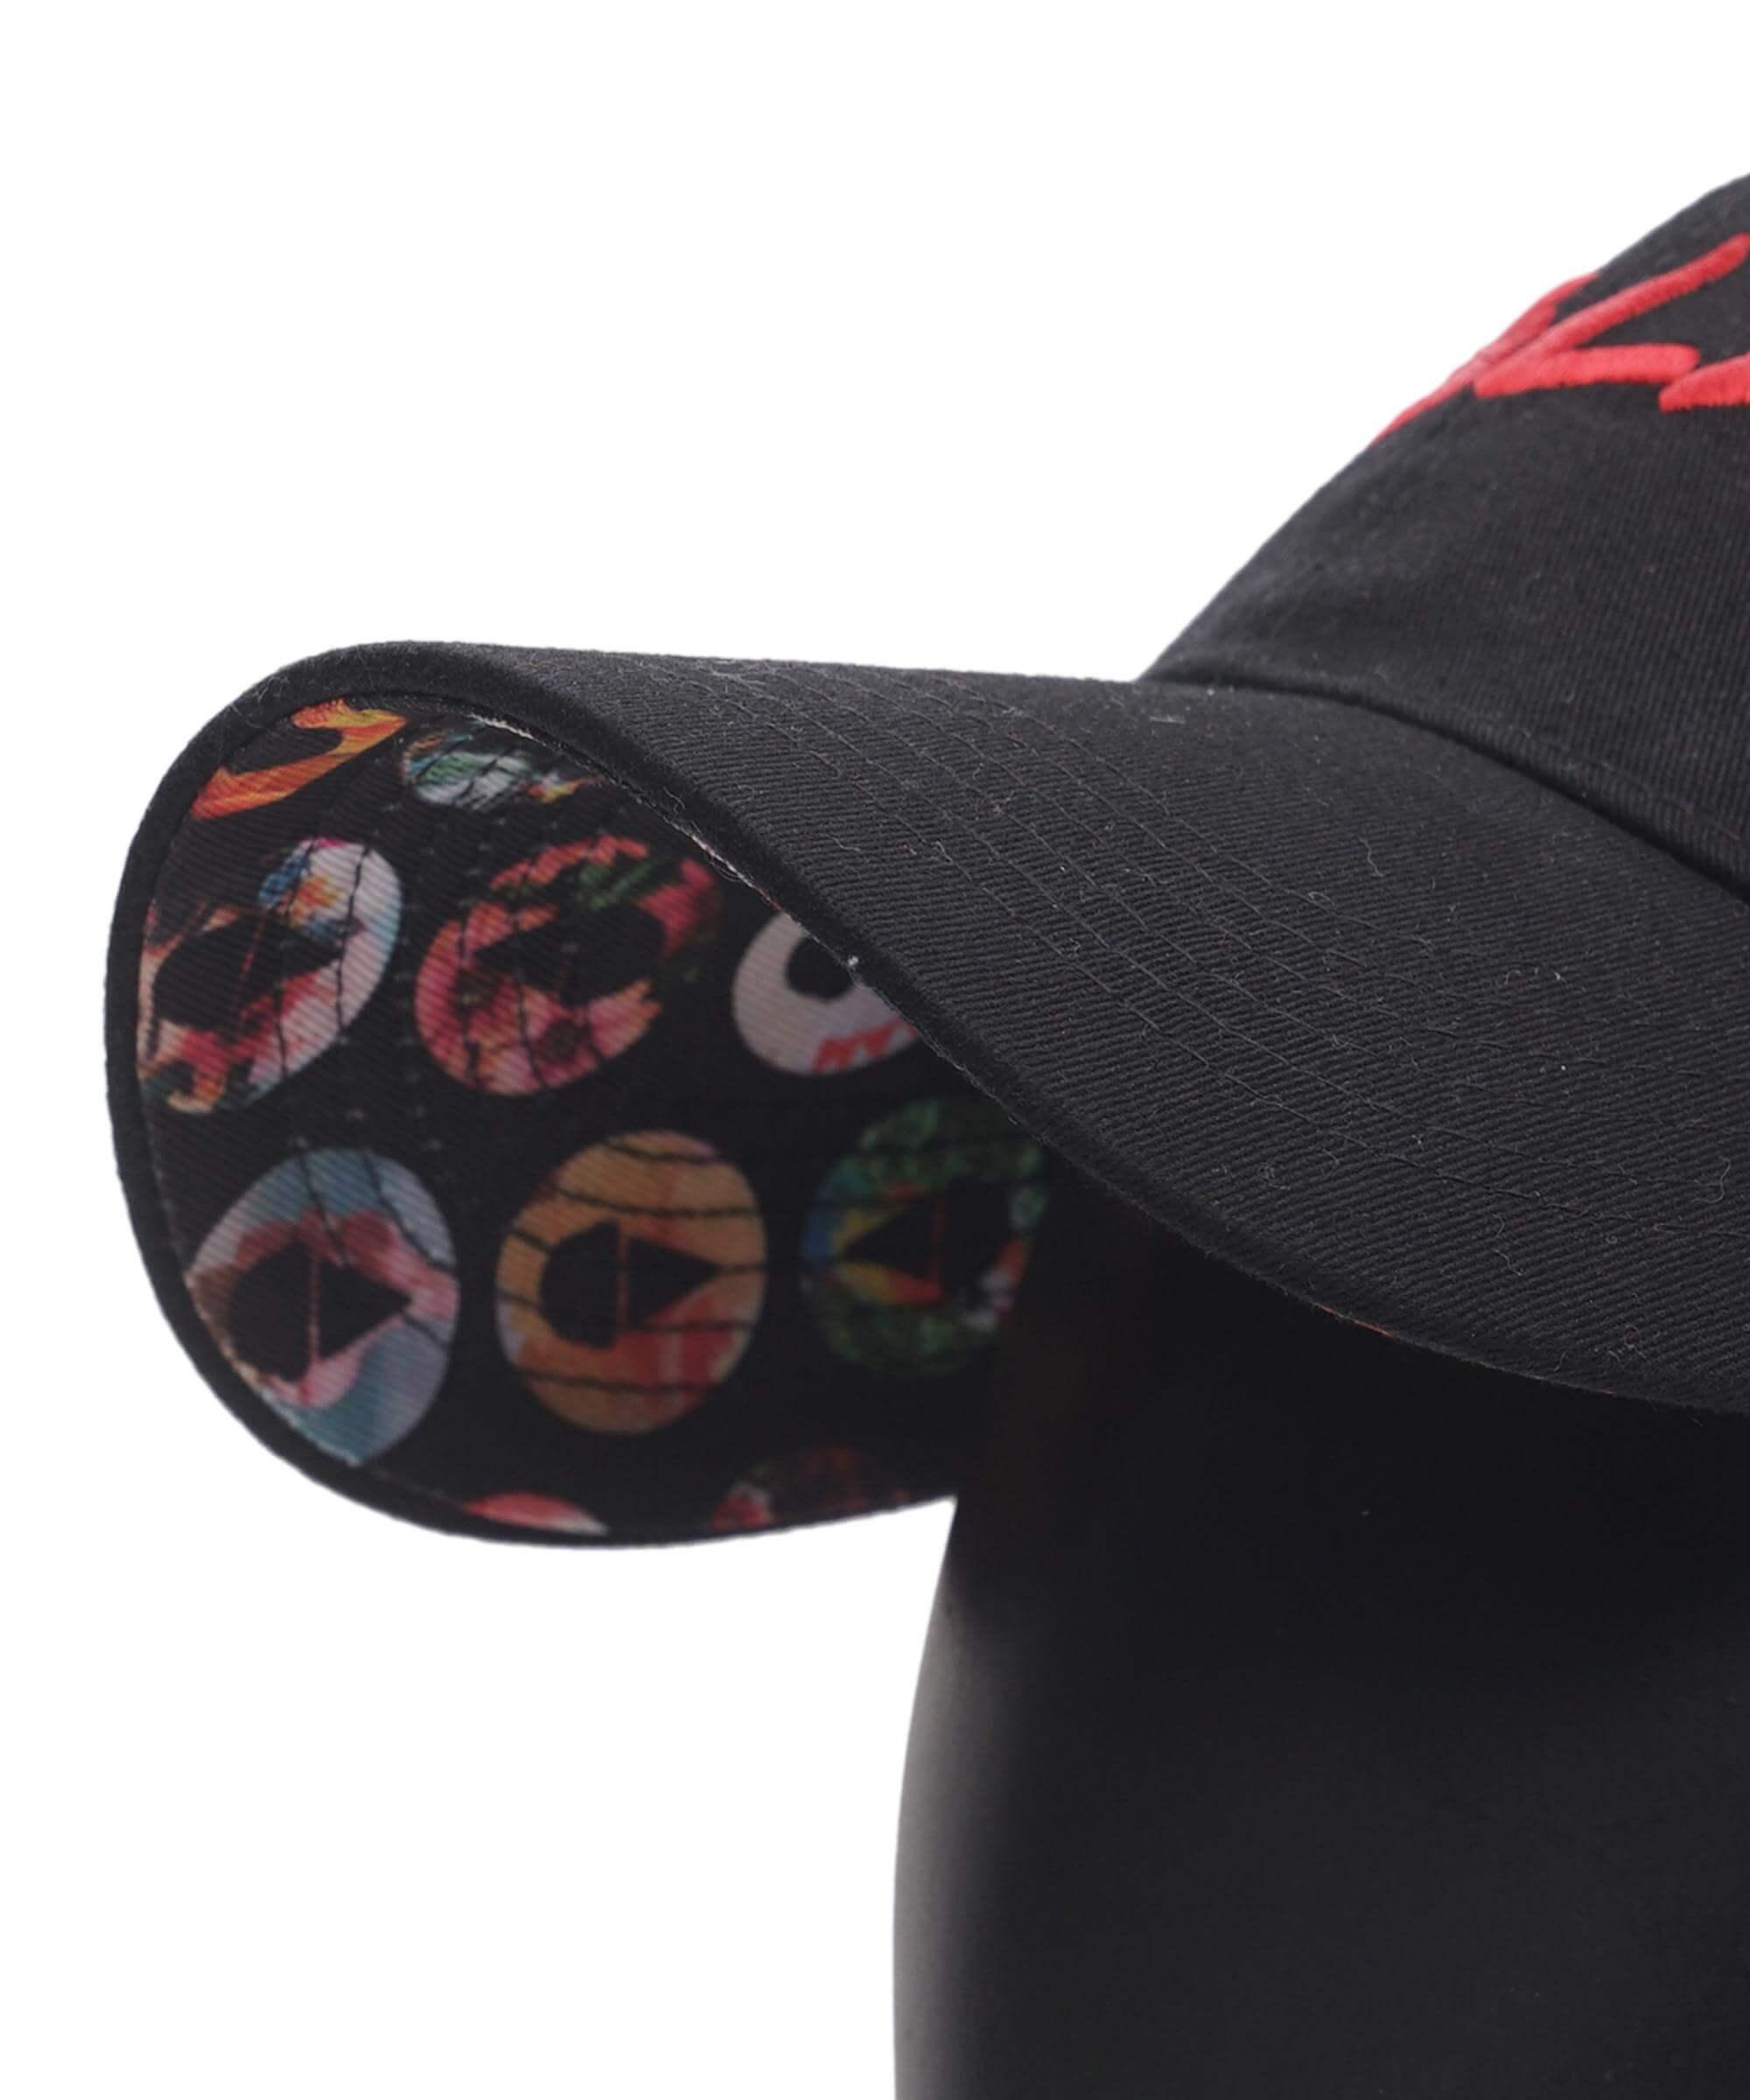 SPRING POGS CURVED BRIM CAP